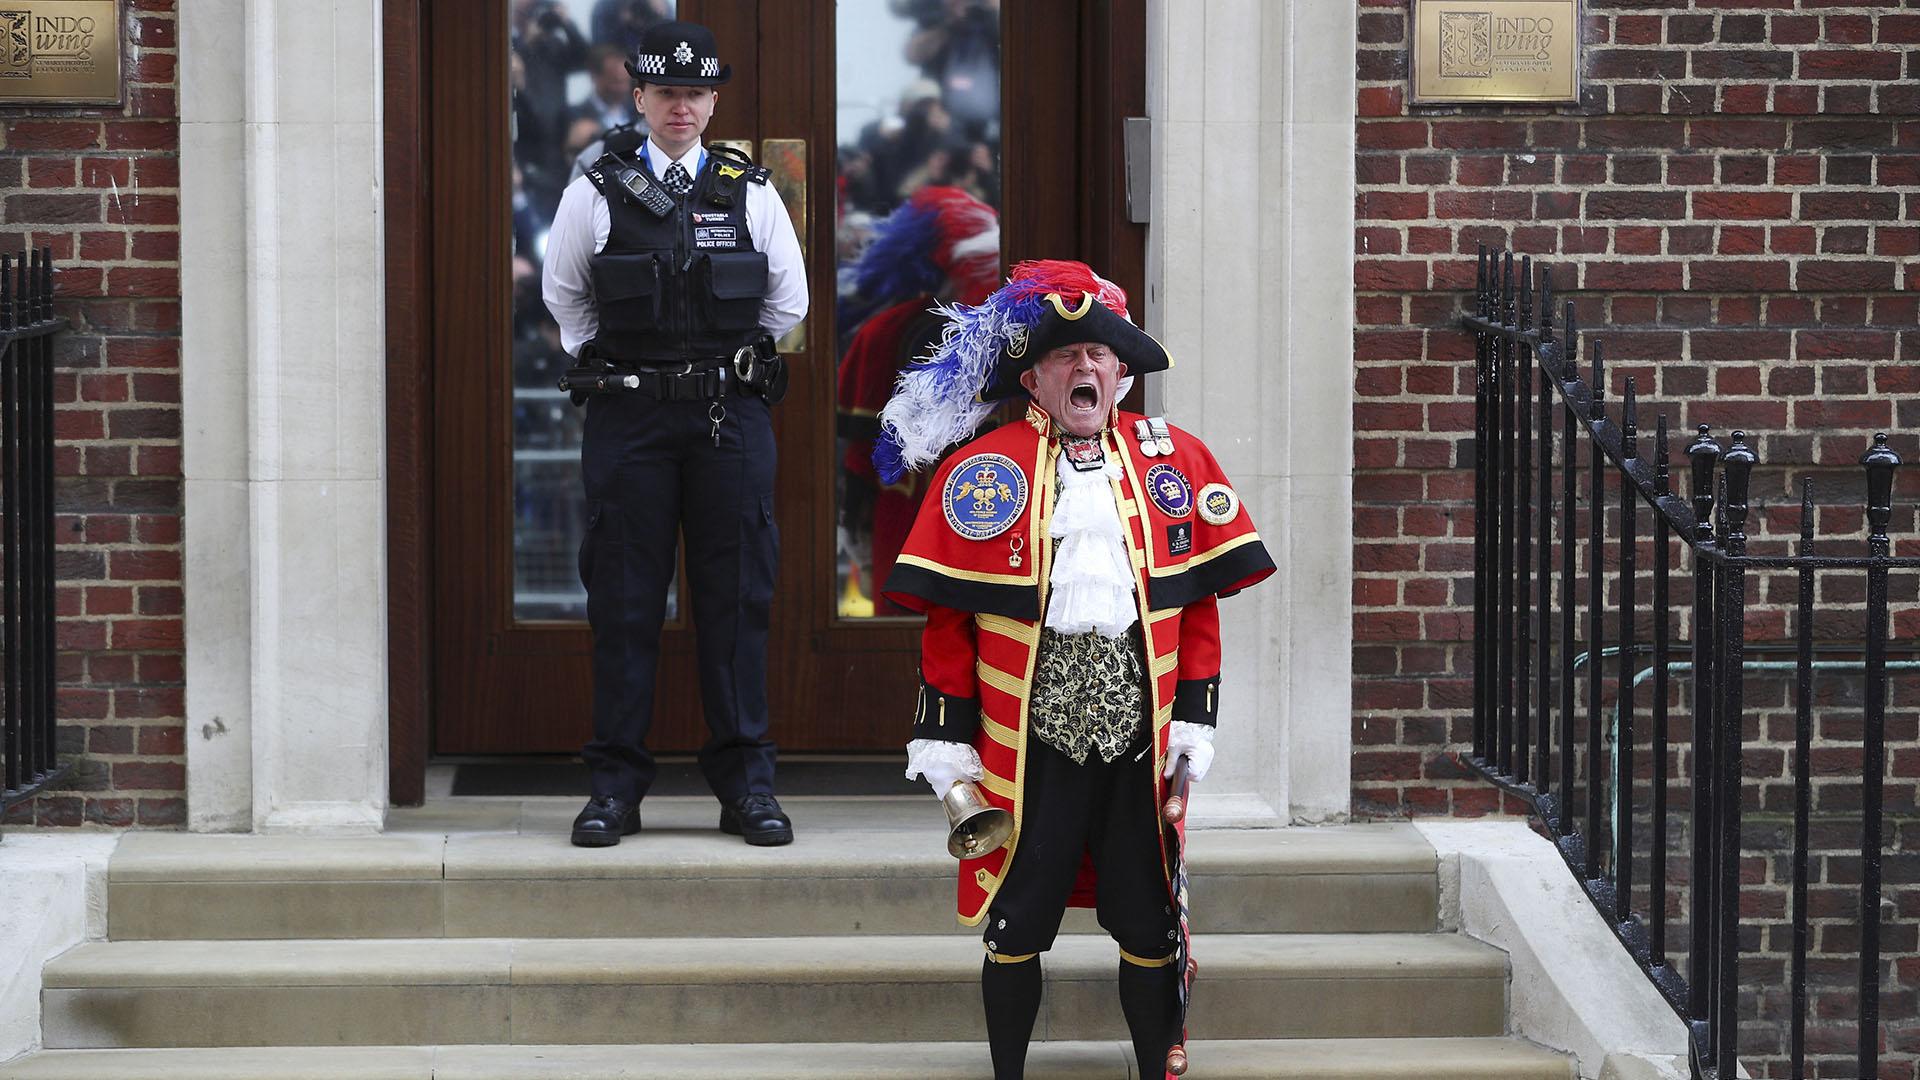 Anuncian el nacimiento del sexto bisnieto de la reina Isabel,quien es el quinto en la línea de sucesión al trono británico(Reuters)